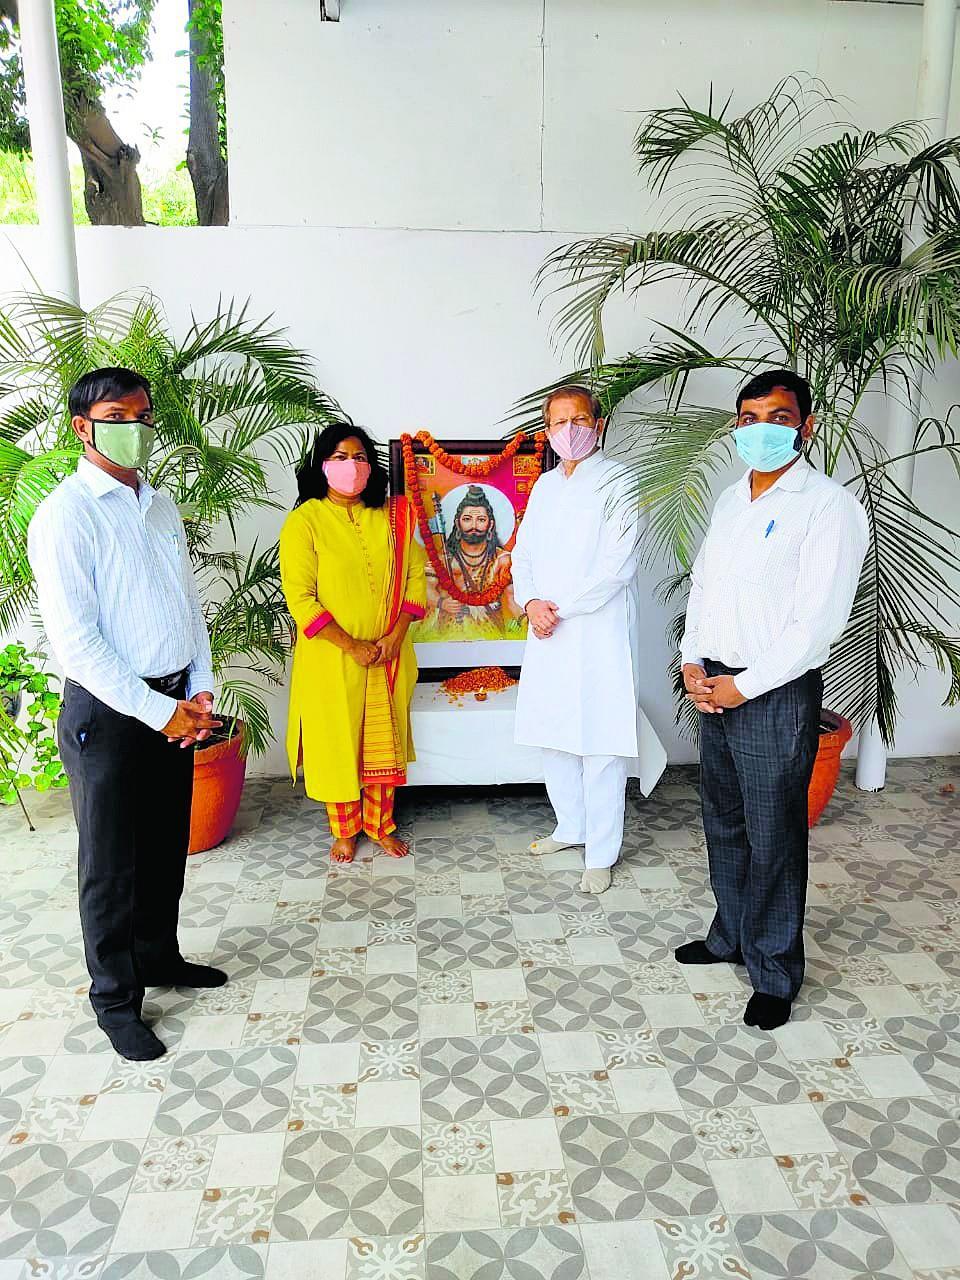 परशुराम जयंती पर राजकीय अवकाश घोषित किया जाये